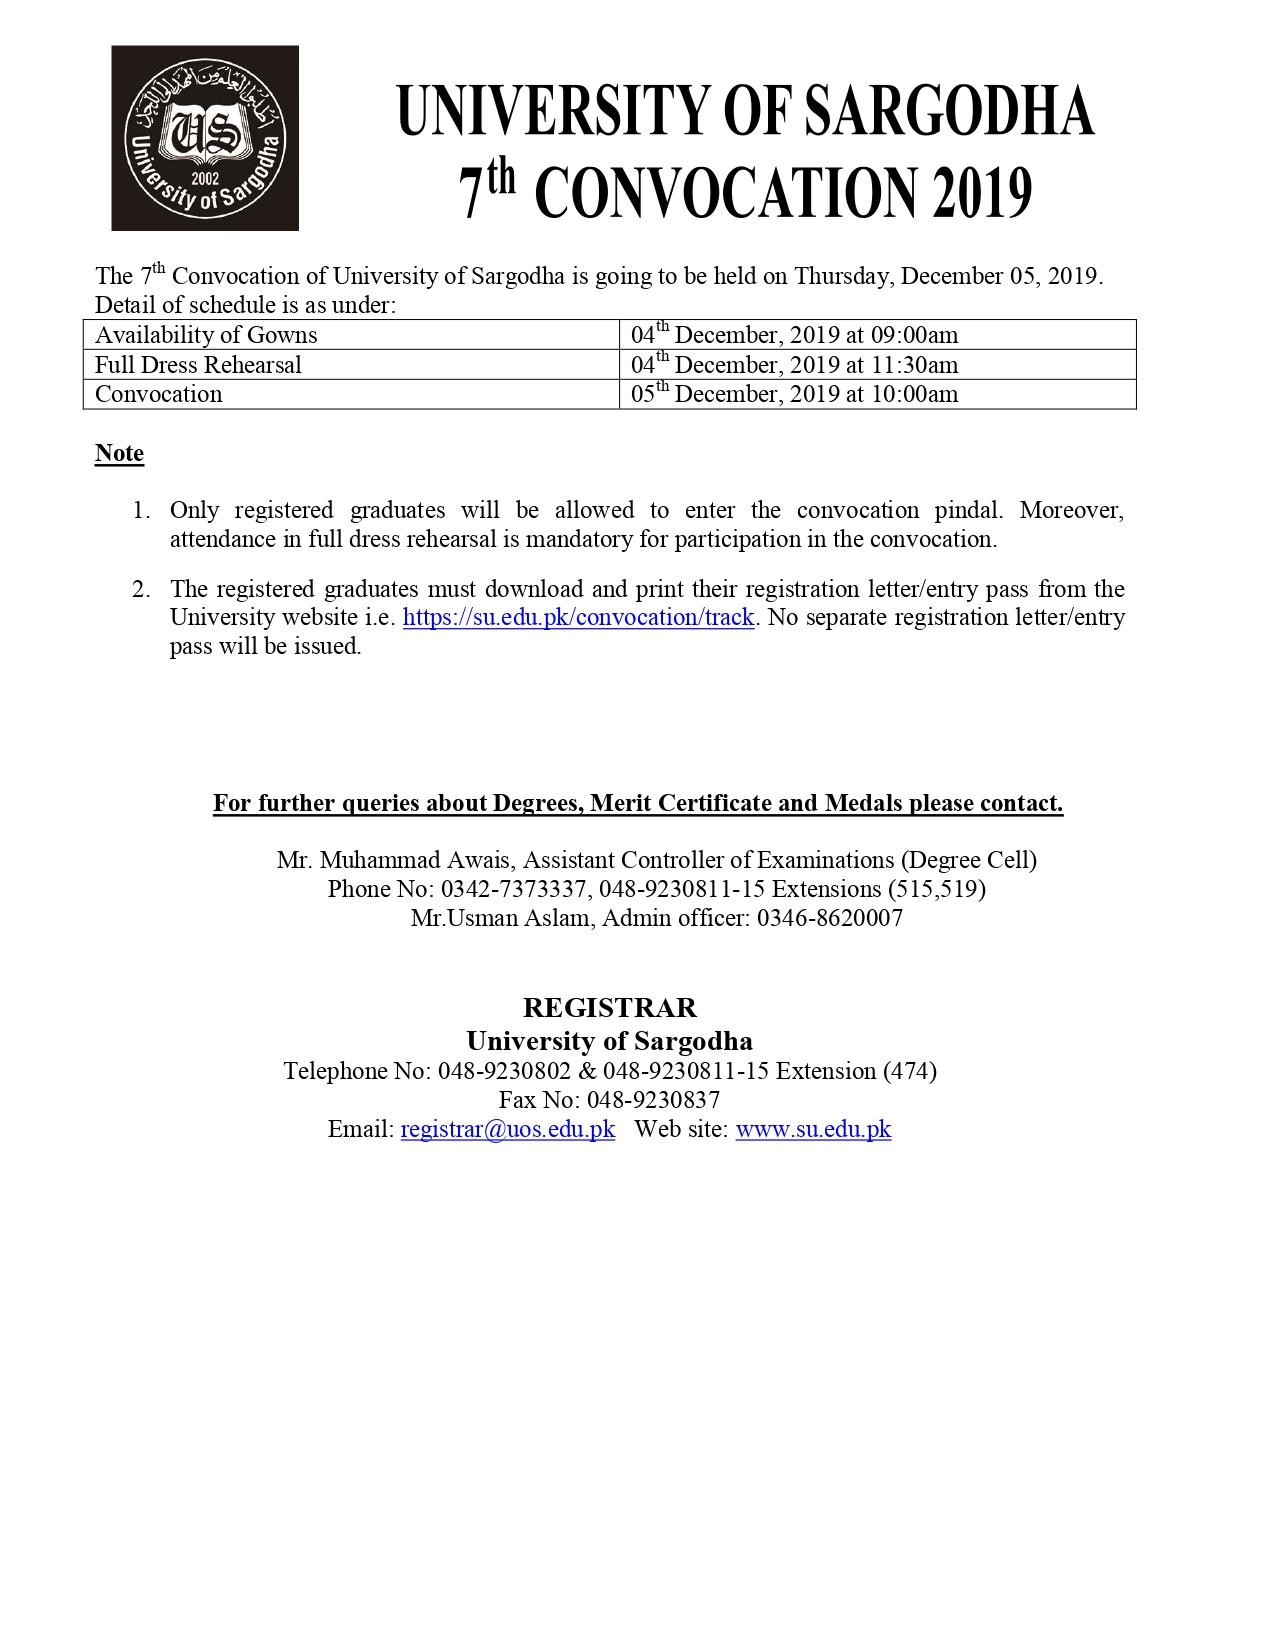 University of sargodha admission 2020